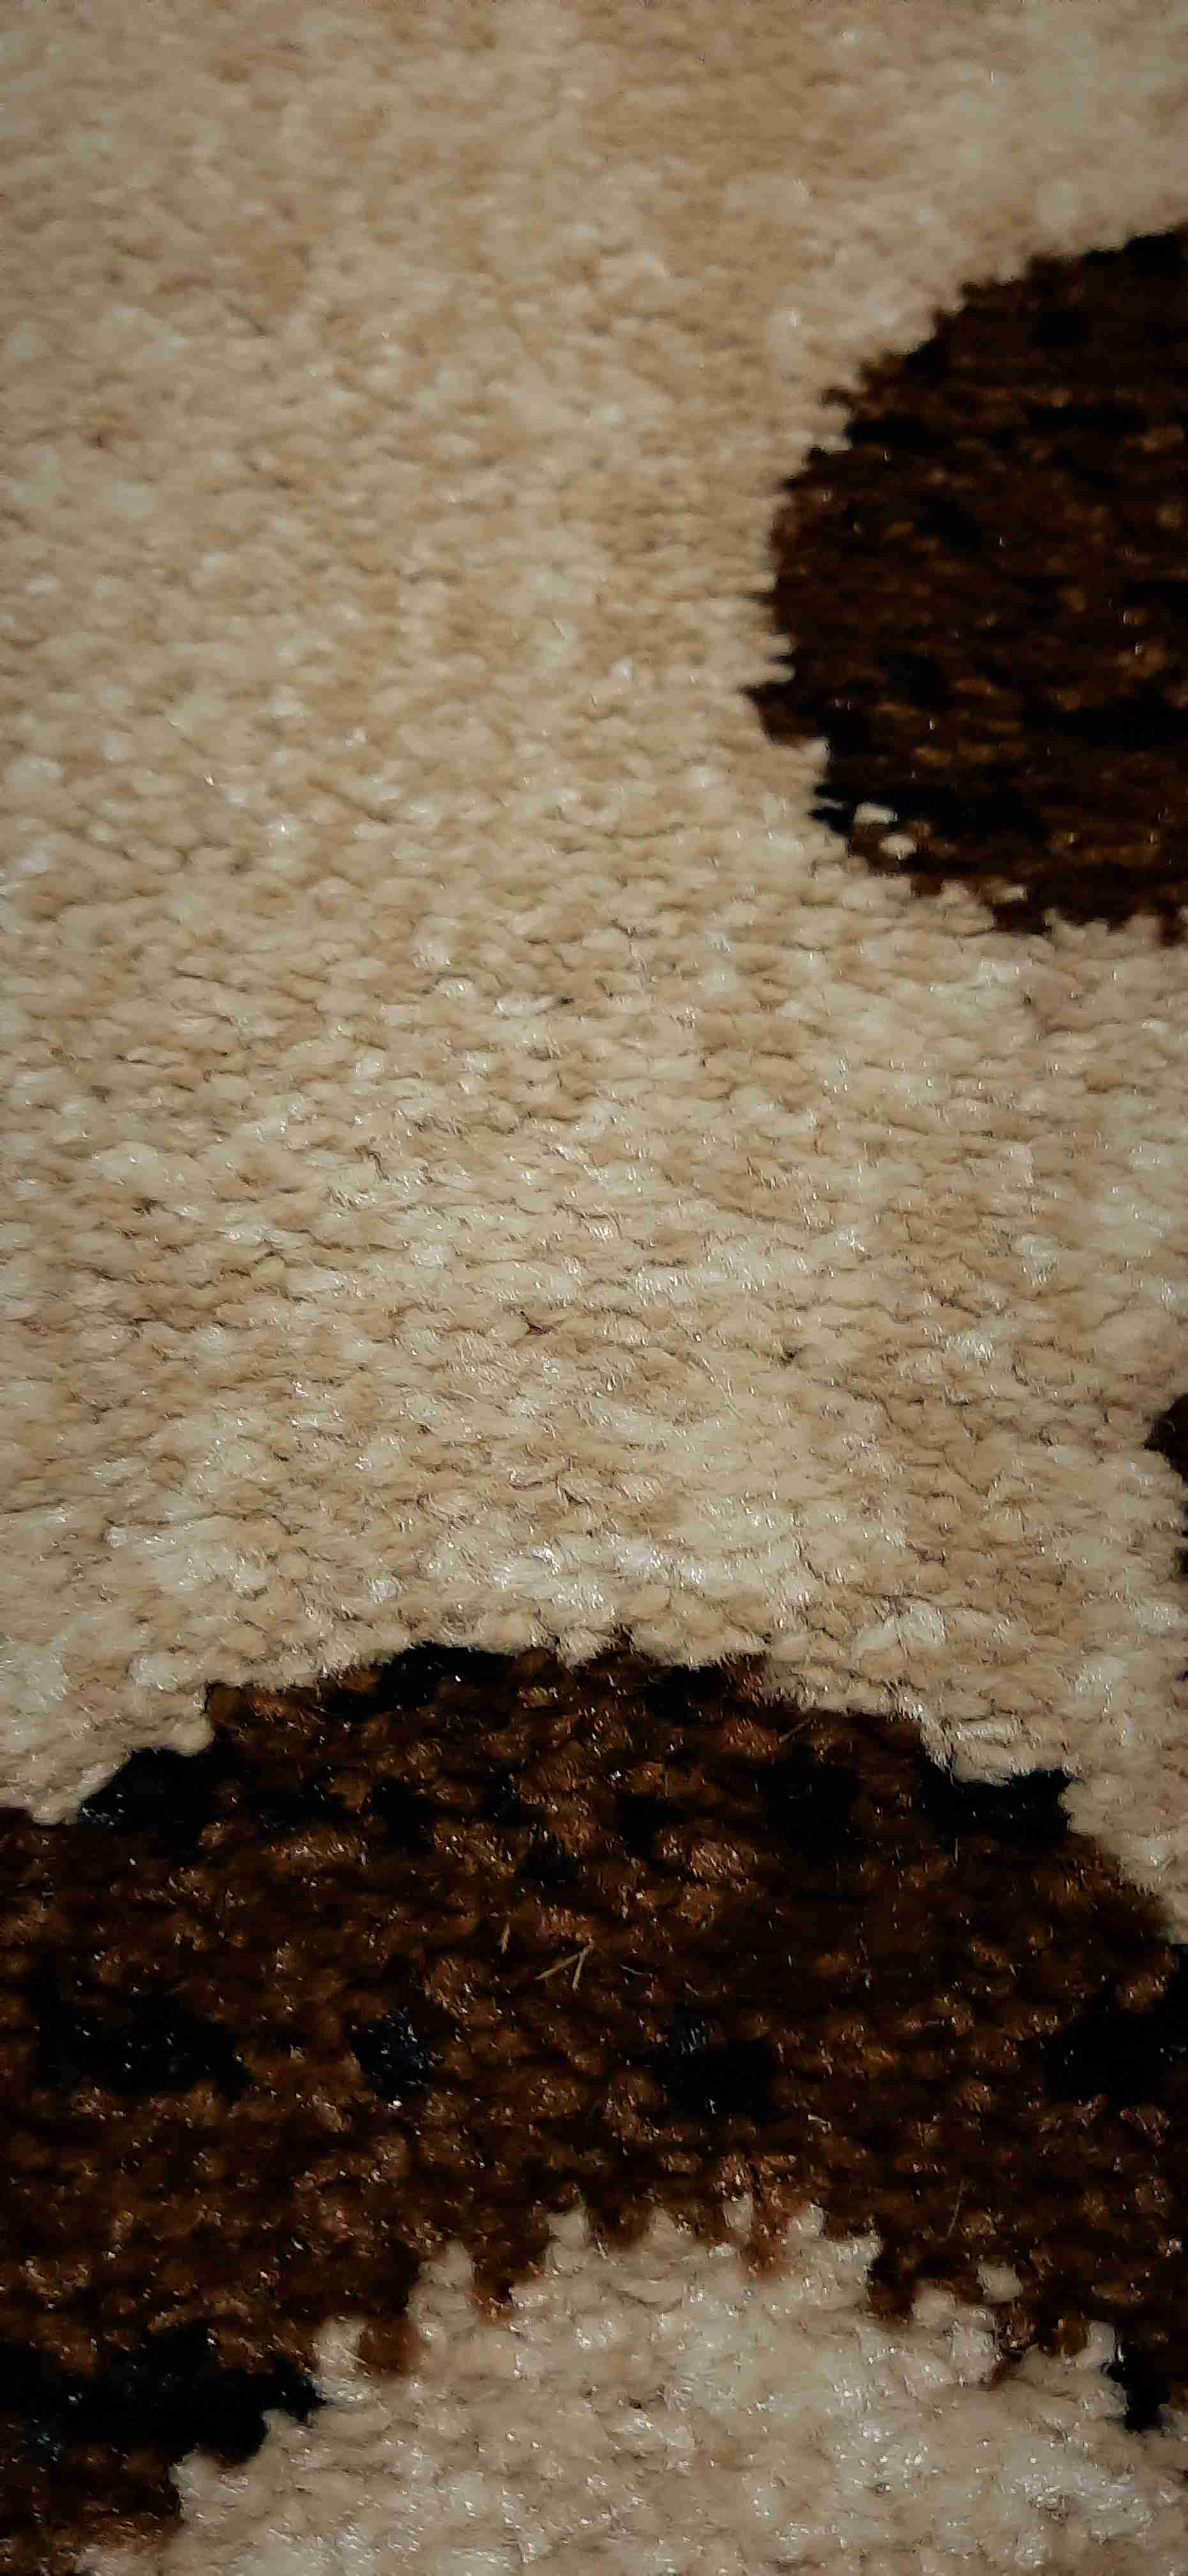 Traversa Covor, Cappuccino 16028-118, Bej / Maro, 60x600 cm, 1800 gr/mp 4